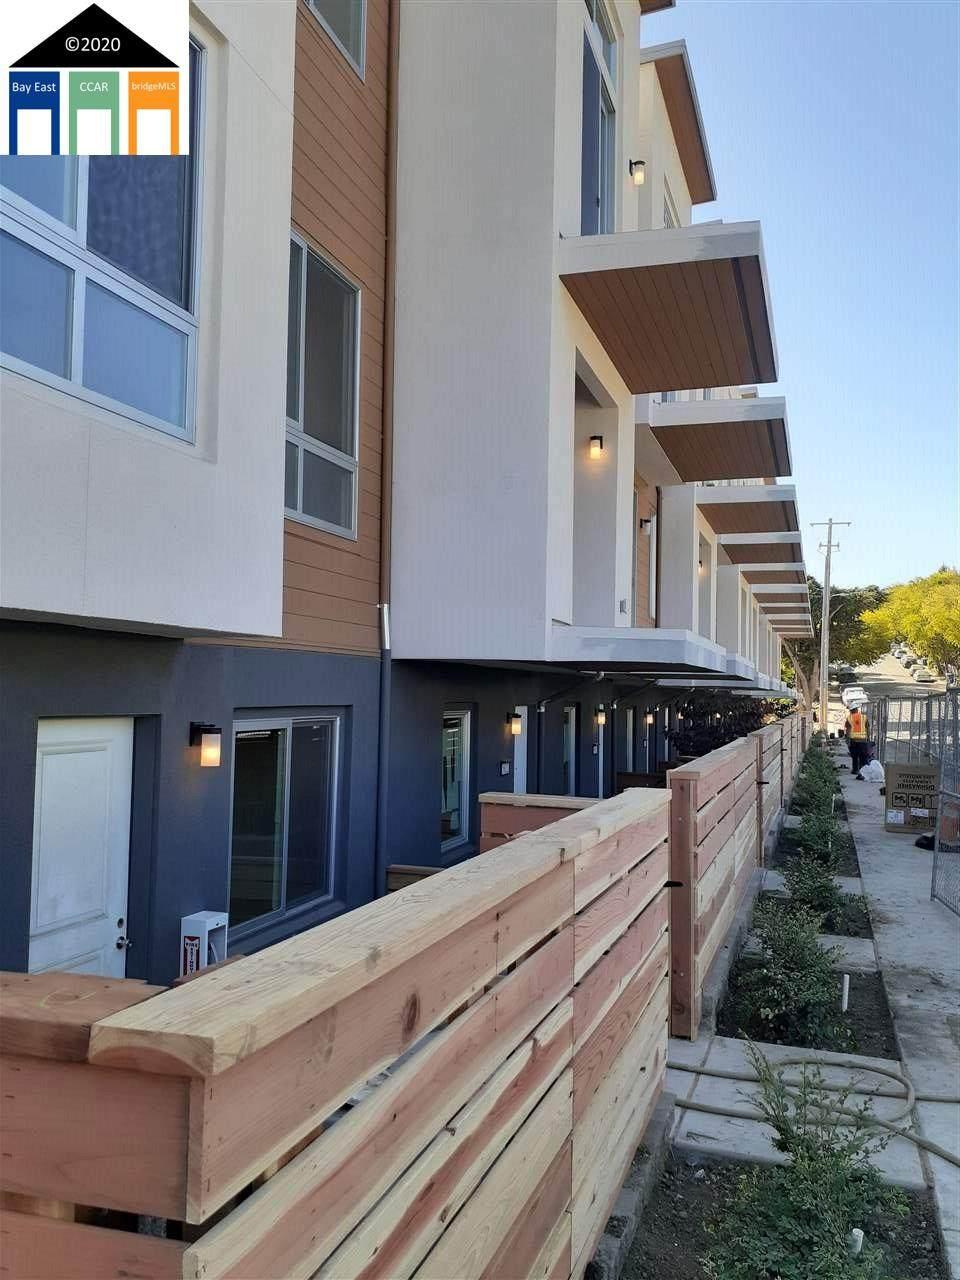 5816 El Dorado Street 8 - Photo 1